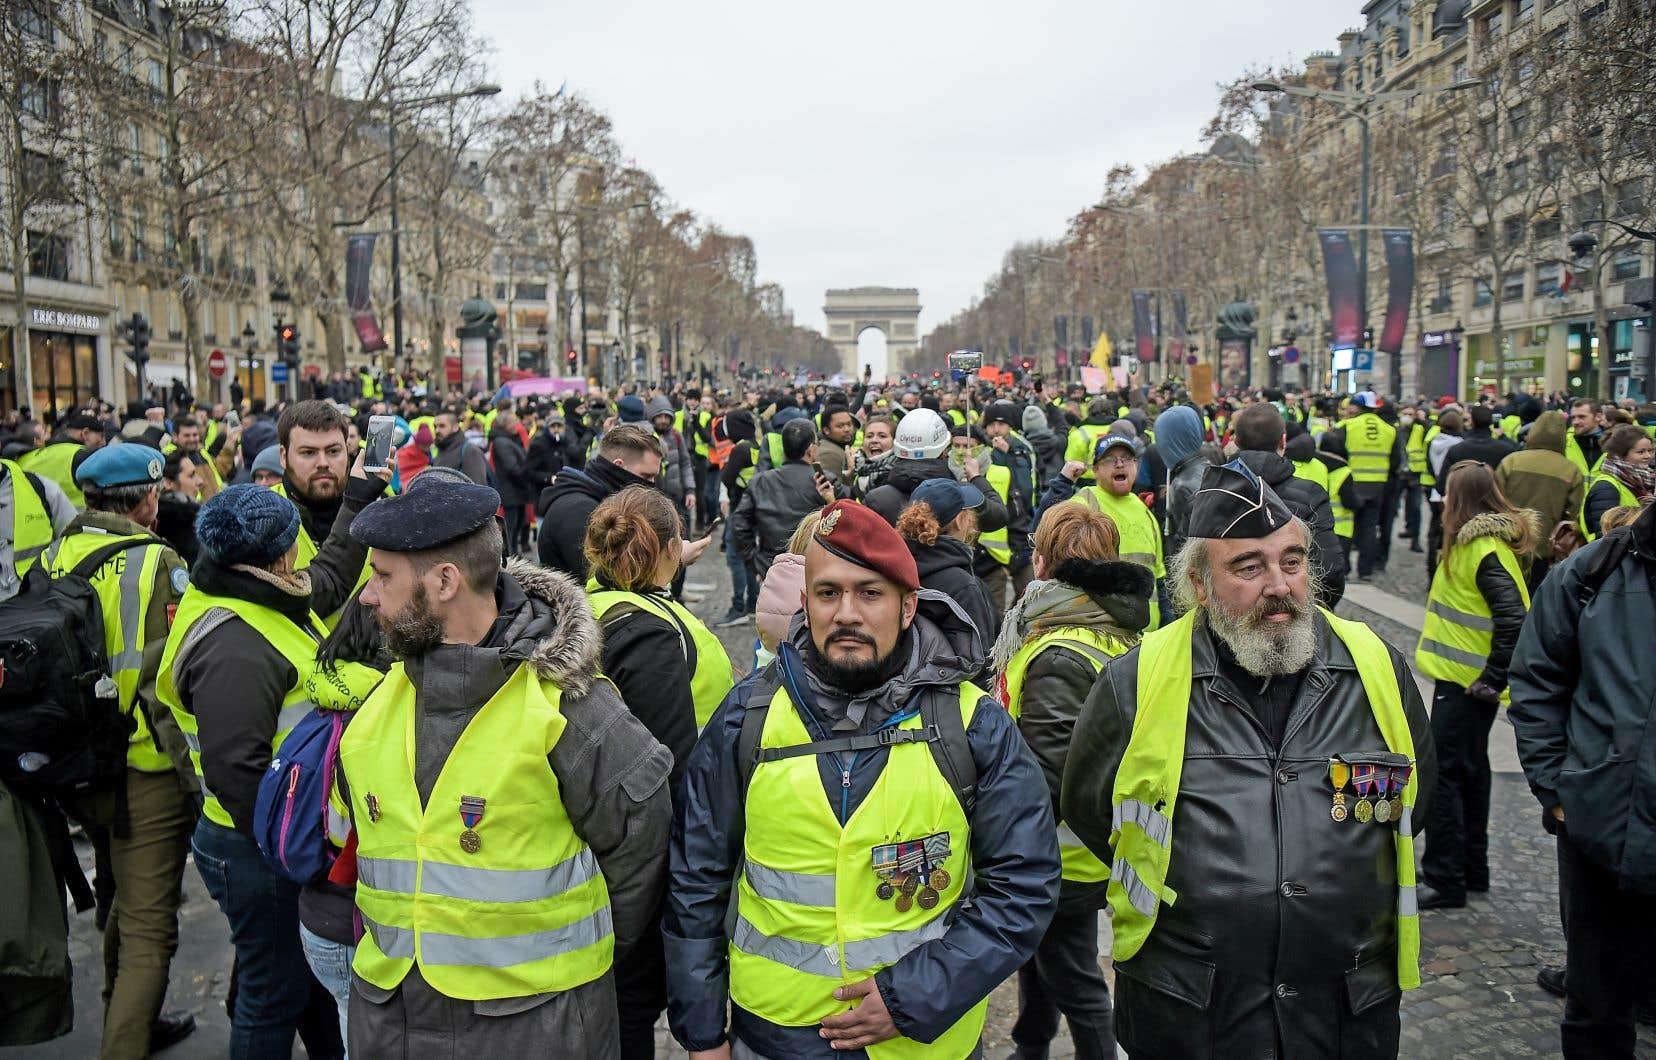 D'anciens soldats français ont épinglé leurs médailles militaires sur leurs gilets jaunes avant de se joindre aux manifestations sur les Champs-Élysées, samedi.